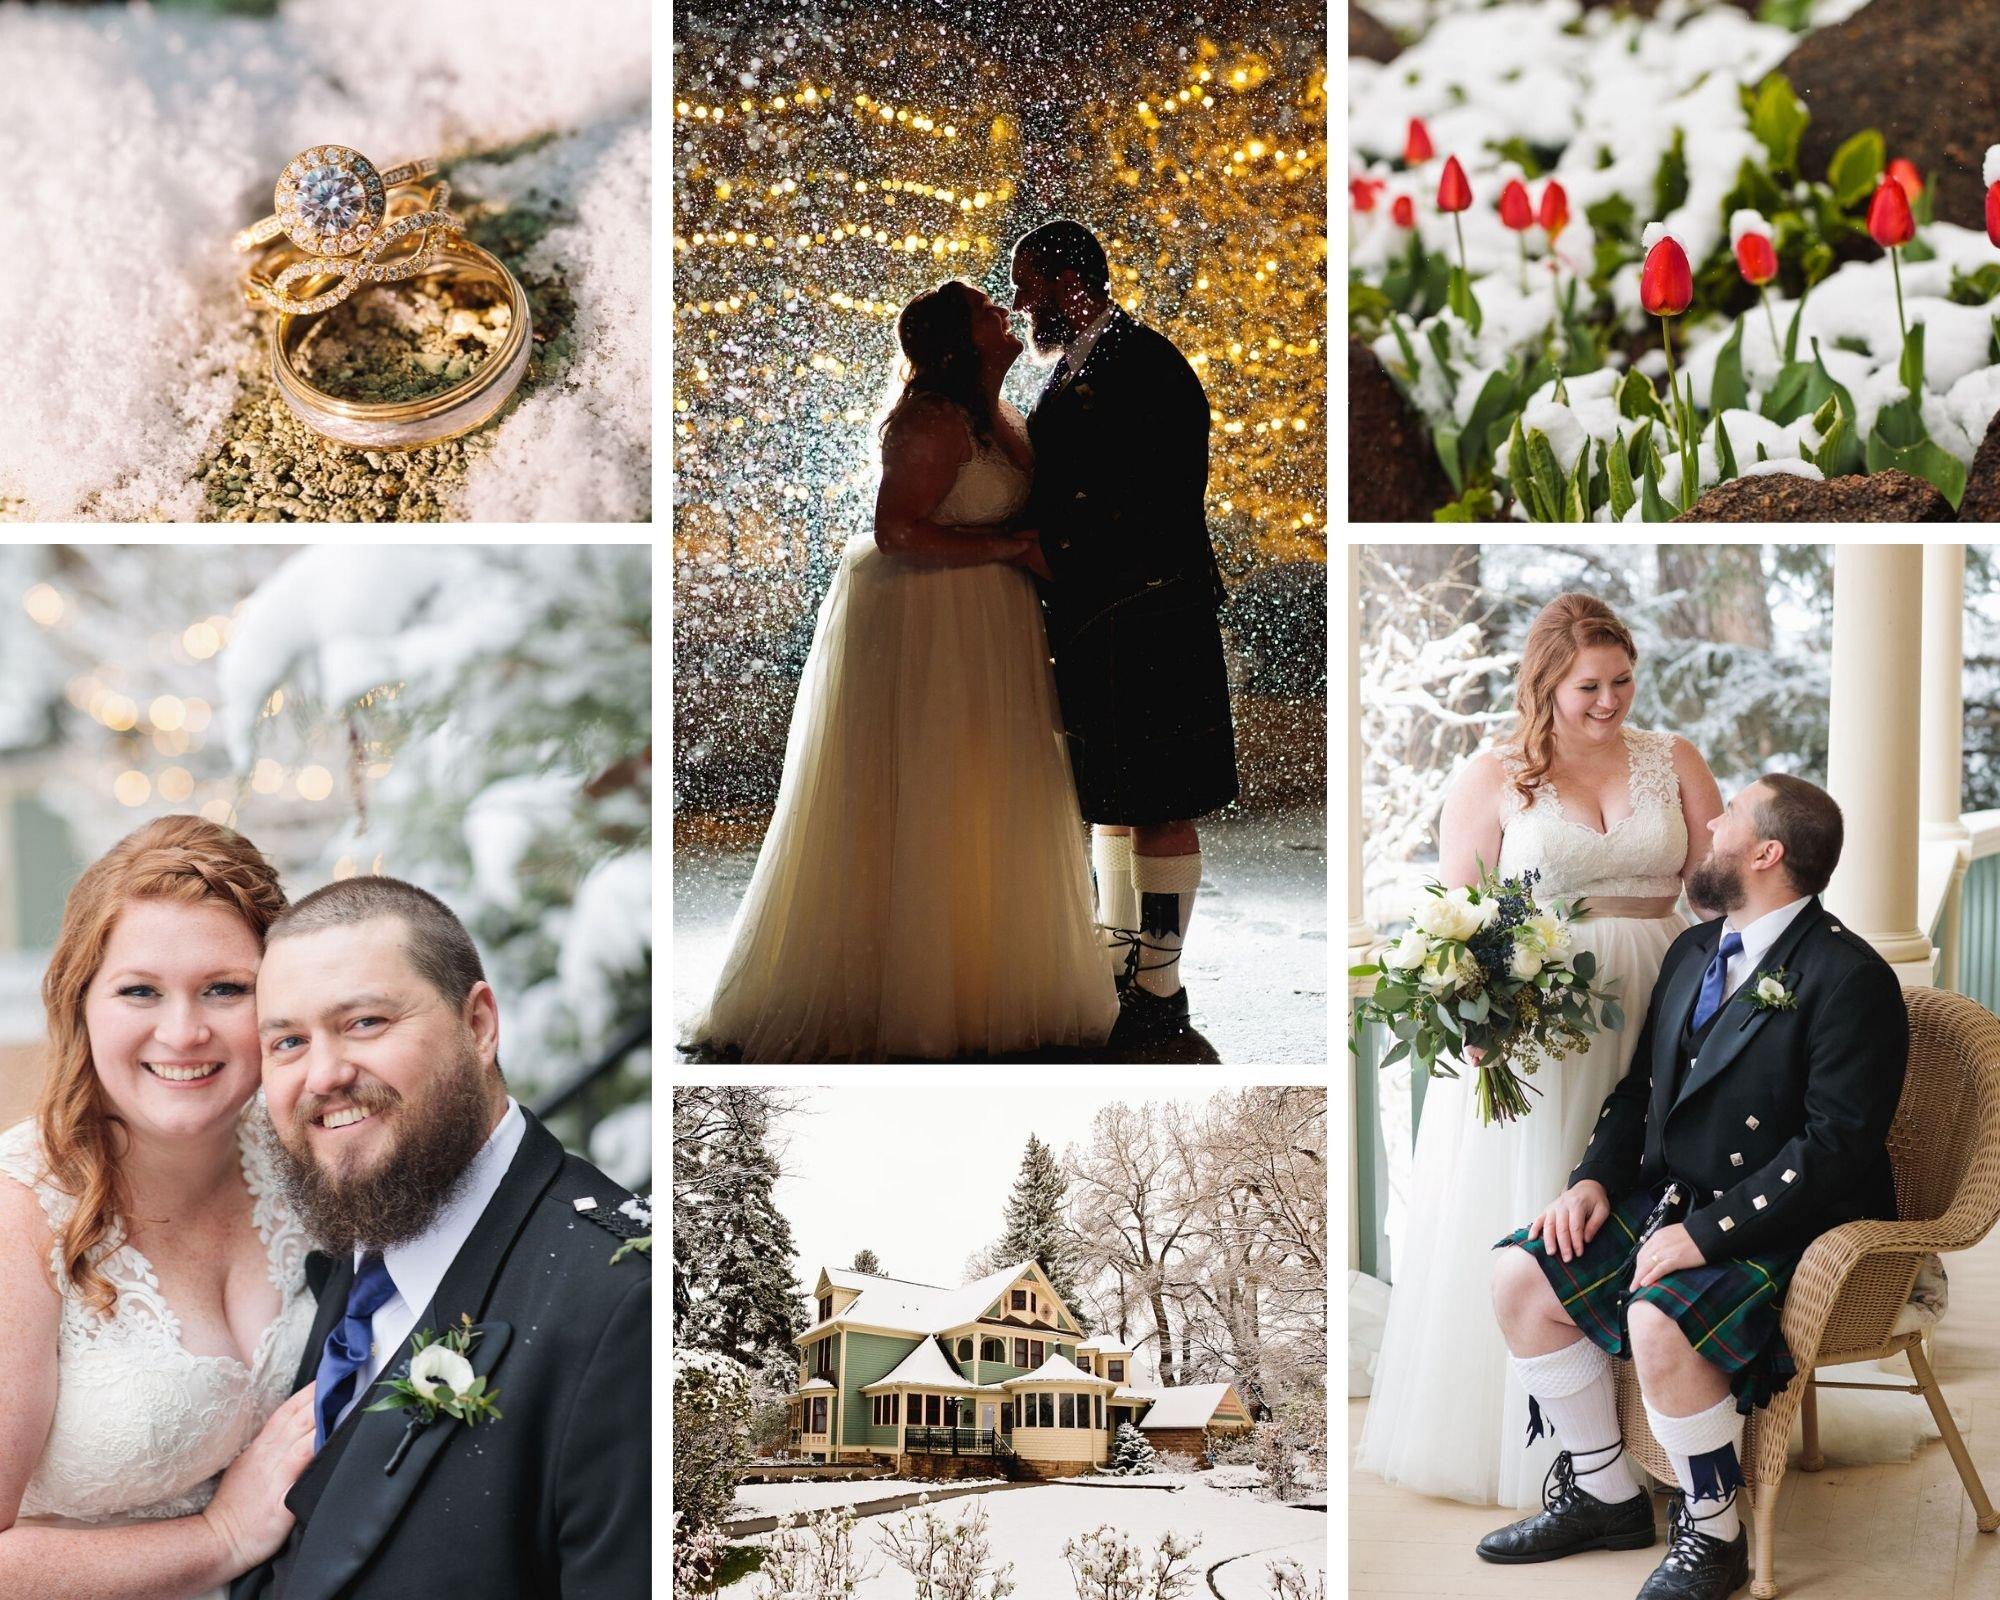 Winter Wonderland at Tapestry House by Wedgewood Weddings